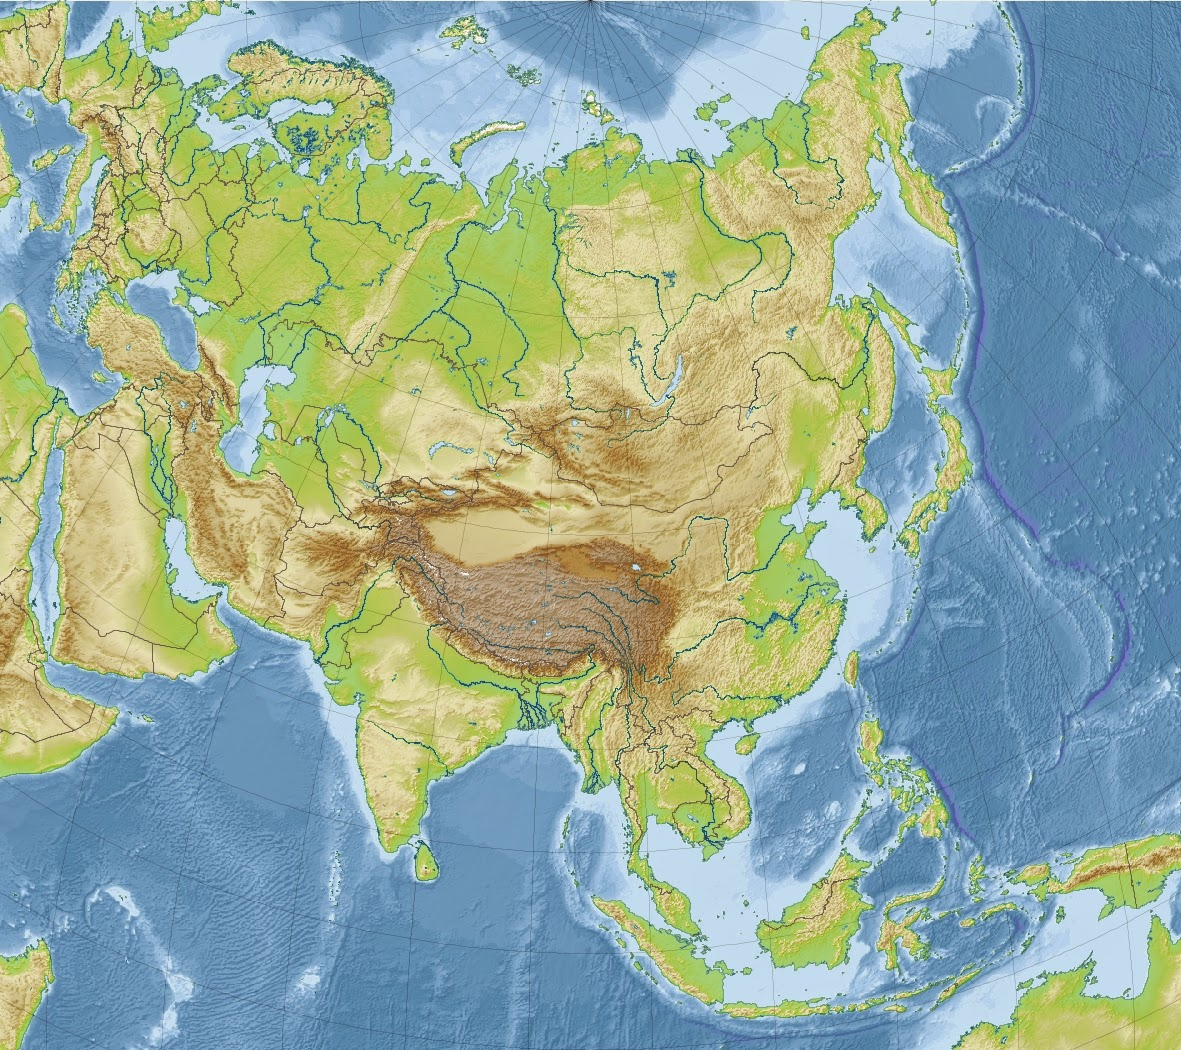 Juegos de Geografa  Juego de Relieve de Asia mapa mudo  Cerebriti